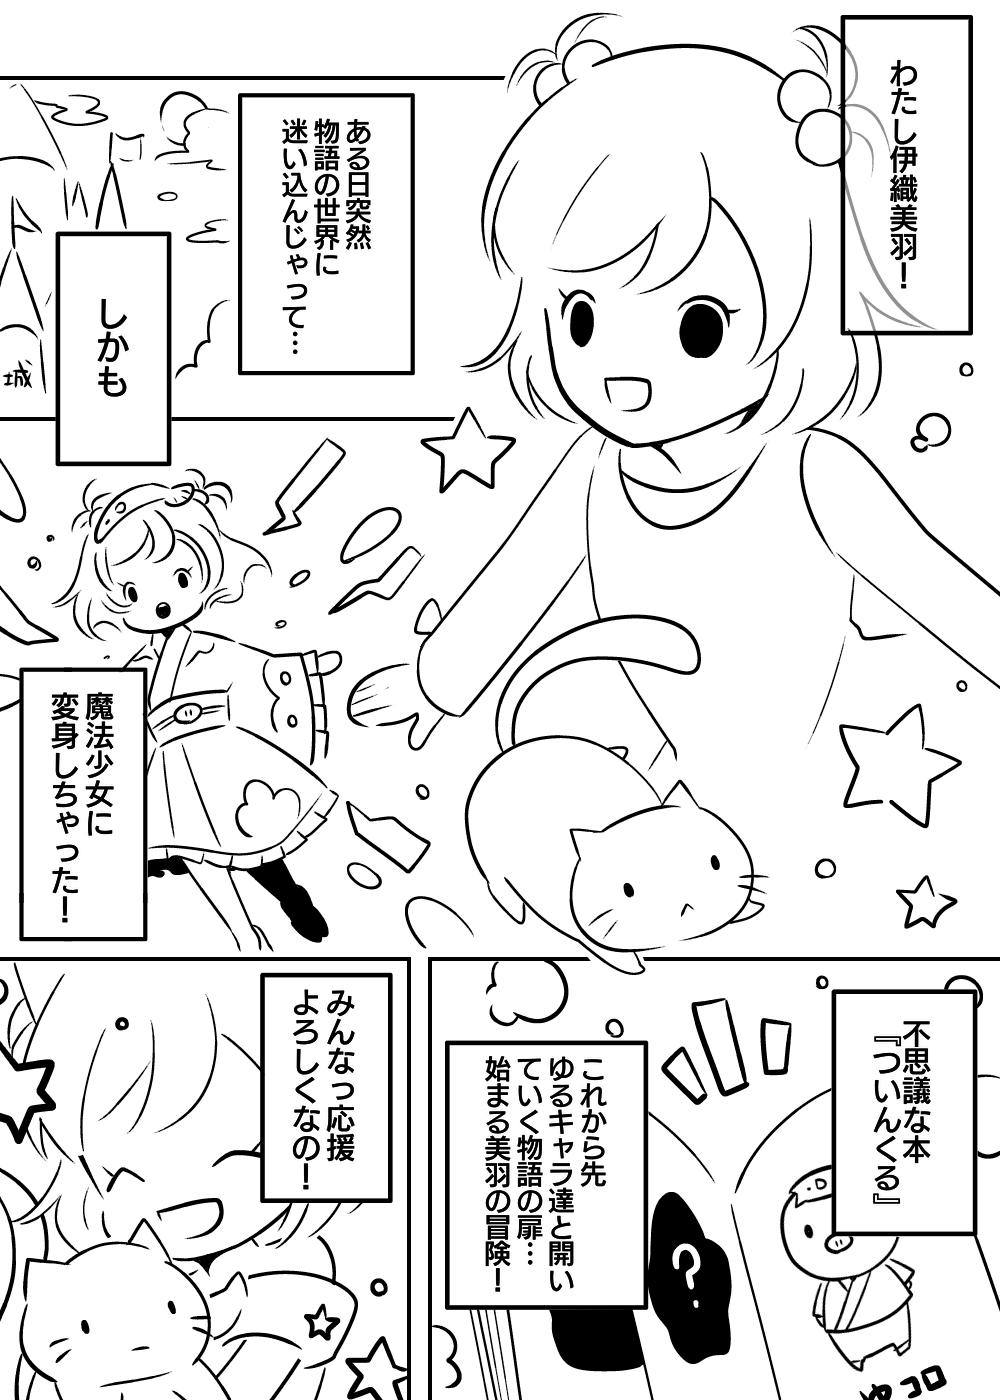 ぽぽぽ/「ゆるキャラ大集合」ネームコンテスト